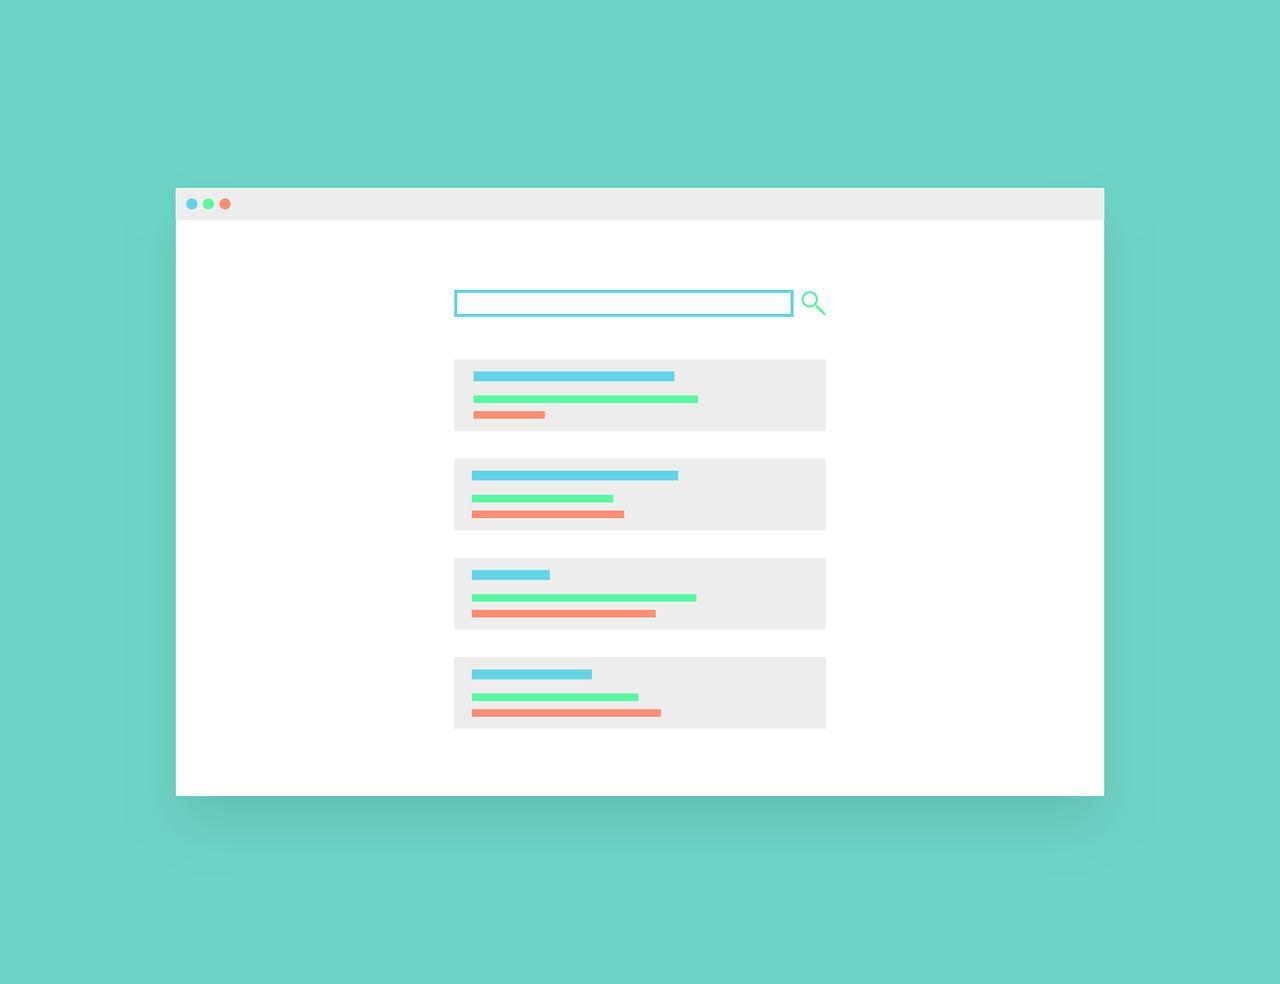 Ottimizzazione testi per i motori di ricerca: alcuni elementi utili